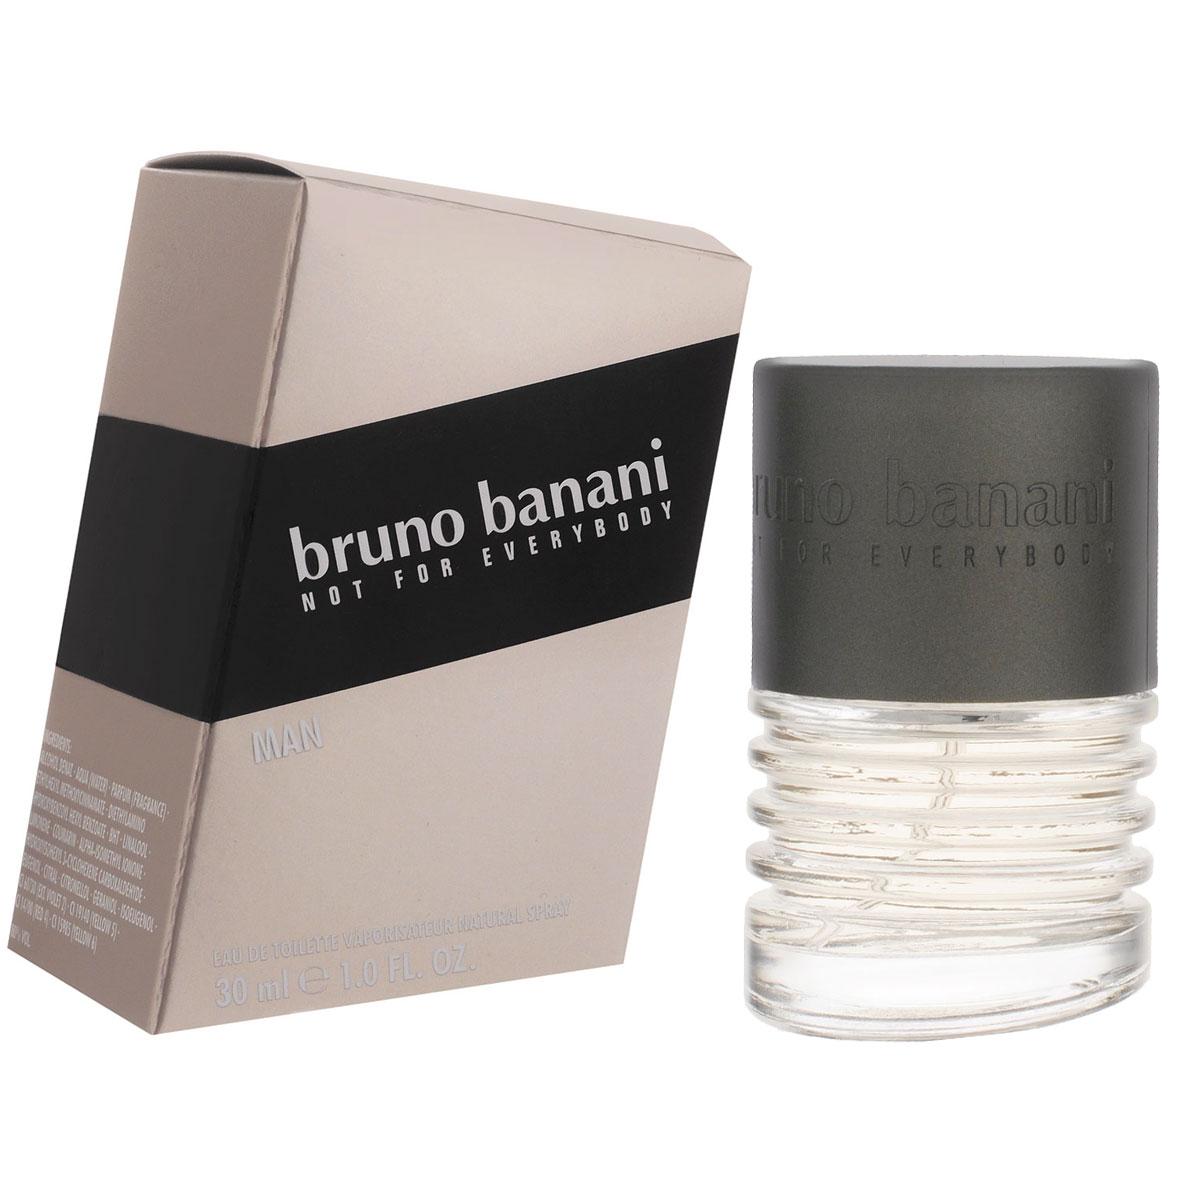 Bruno Banani Туалетная вода Man, мужская, 30 мл0737052755229Man - самый мужественный и серьезный аромат самого несерьезного бренда Bruno Banani. Свежий, неподвластный времени аромат для уверенных в себе, беззаботных мужчин. Классификация аромата : фужерный. Пирамида аромата : Верхние ноты: лаванда, базилик, бадьян. Ноты сердца: кофе, тмин, гвоздика, гелиотроп. Ноты шлейфа: бобы тонка, пачули, ваниль, кедр. Ключевые слова Свежий, яркий, беззаботный! Туалетная вода - один из самых популярных видов парфюмерной продукции. Туалетная вода содержит 4-10% парфюмерного экстракта. Главные достоинства данного типа продукции заключаются в доступной цене, разнообразии форматов (как правило, 30, 50, 75, 100 мл), удобстве использования (чаще всего - спрей). Идеальна для дневного использования. Товар сертифицирован.